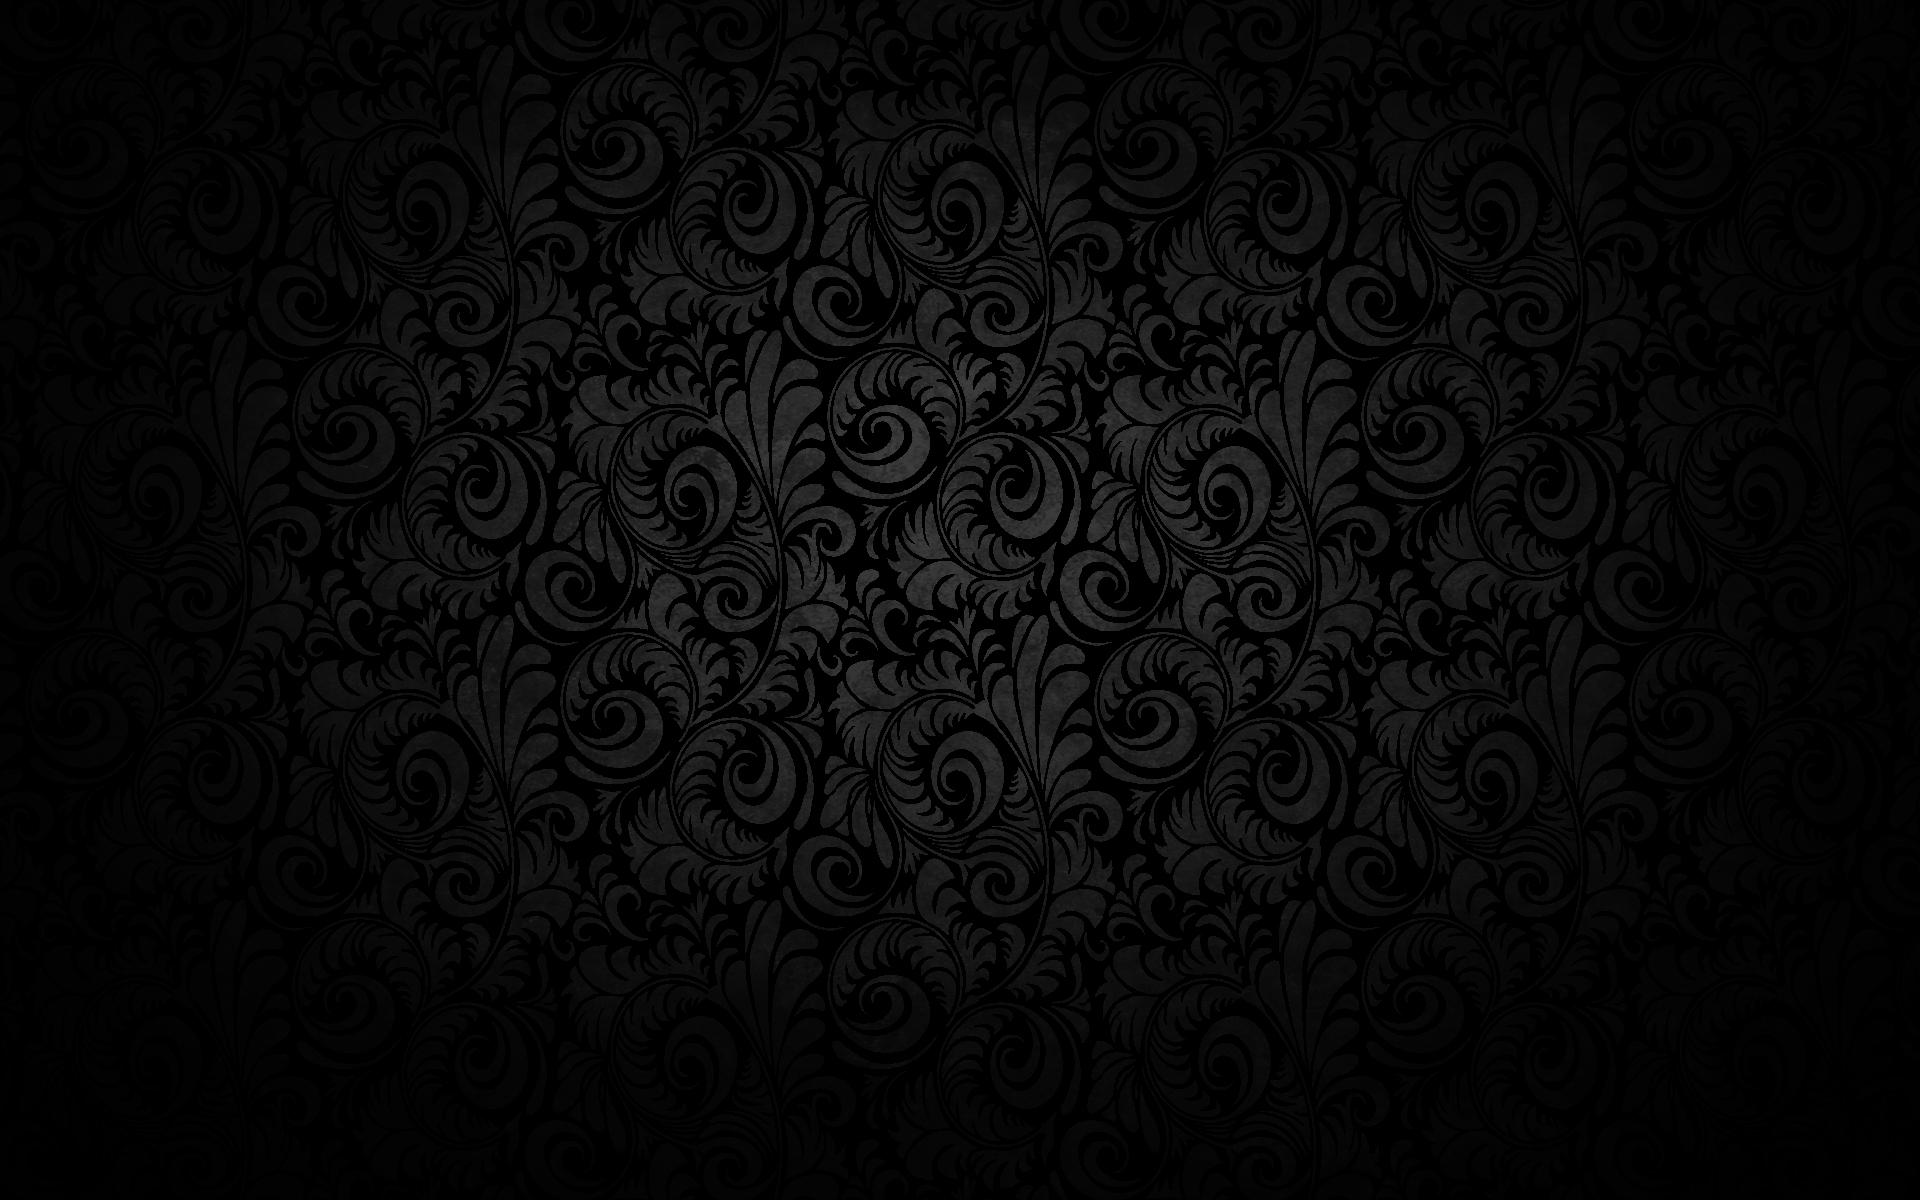 Free Download Background Dark [1920x1200] For Your Desktop, Mobile & Tablet  | Explore 75+ Dark Background Images | Dark Images Wallpaper, Dark  Background Images, Dark Blue Background Images